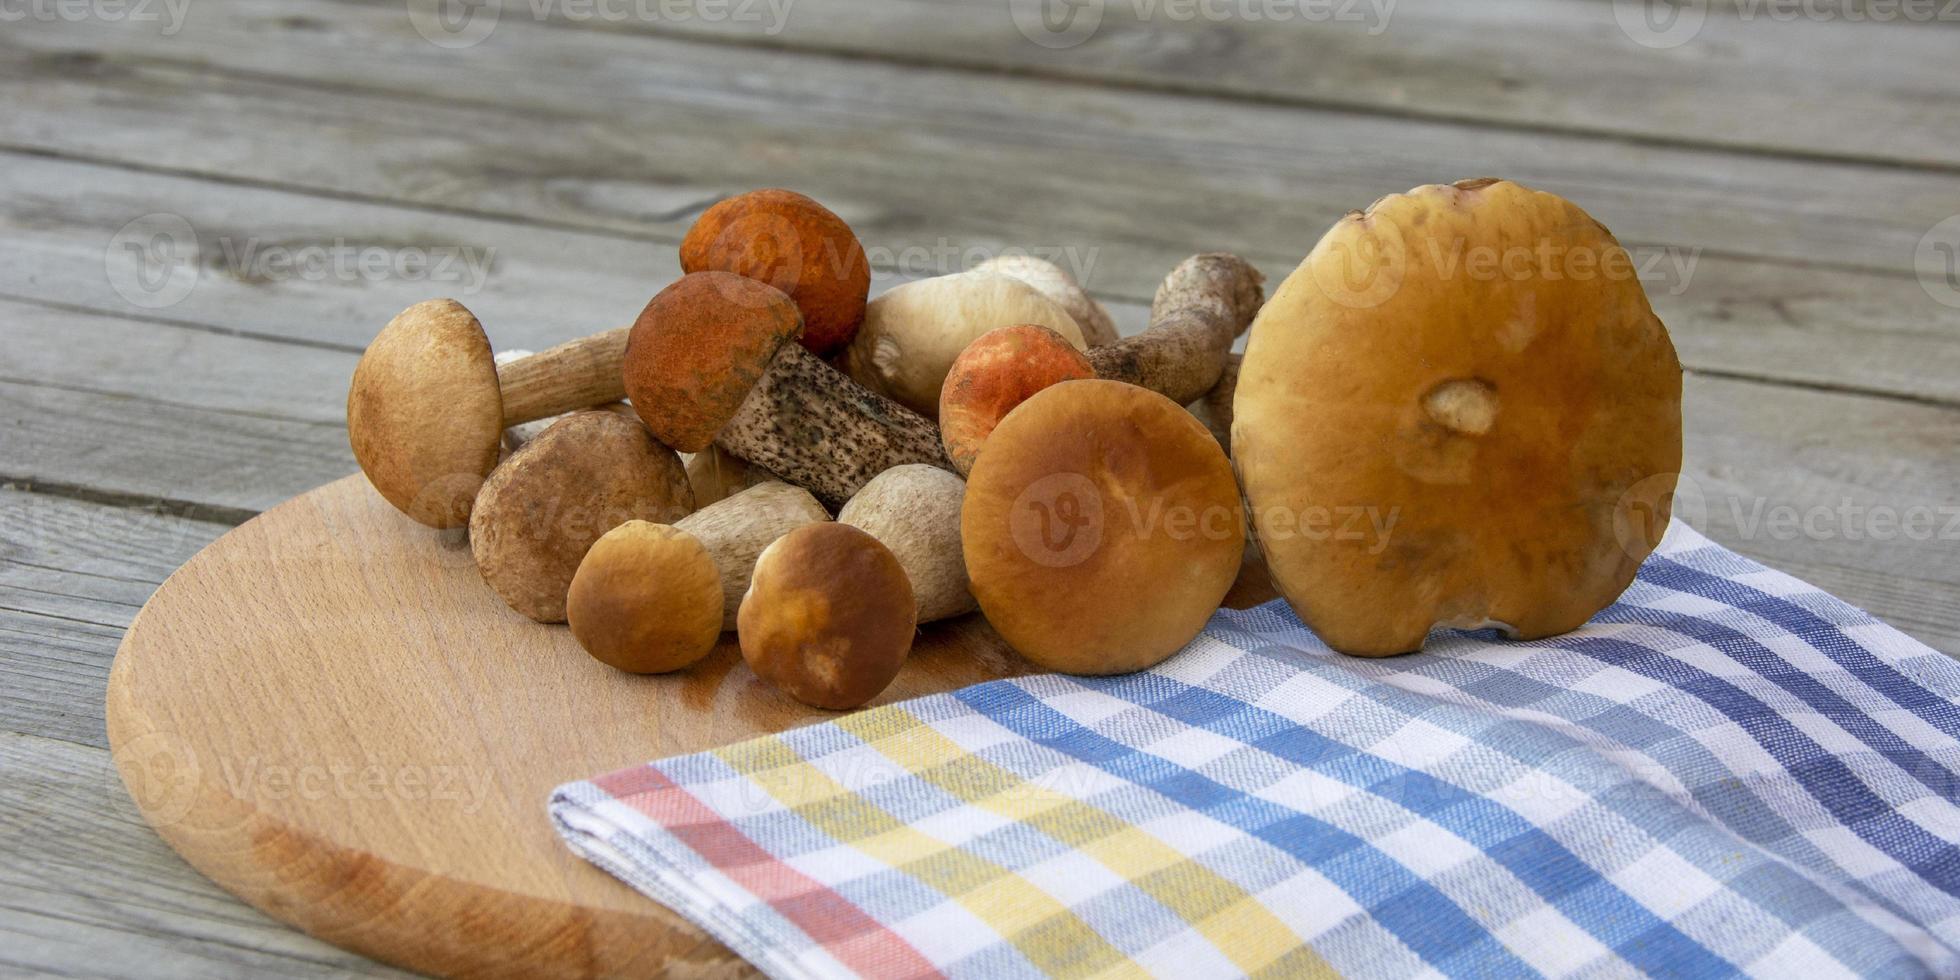 hongos porcini en una tabla de cortar. hongos comestibles foto